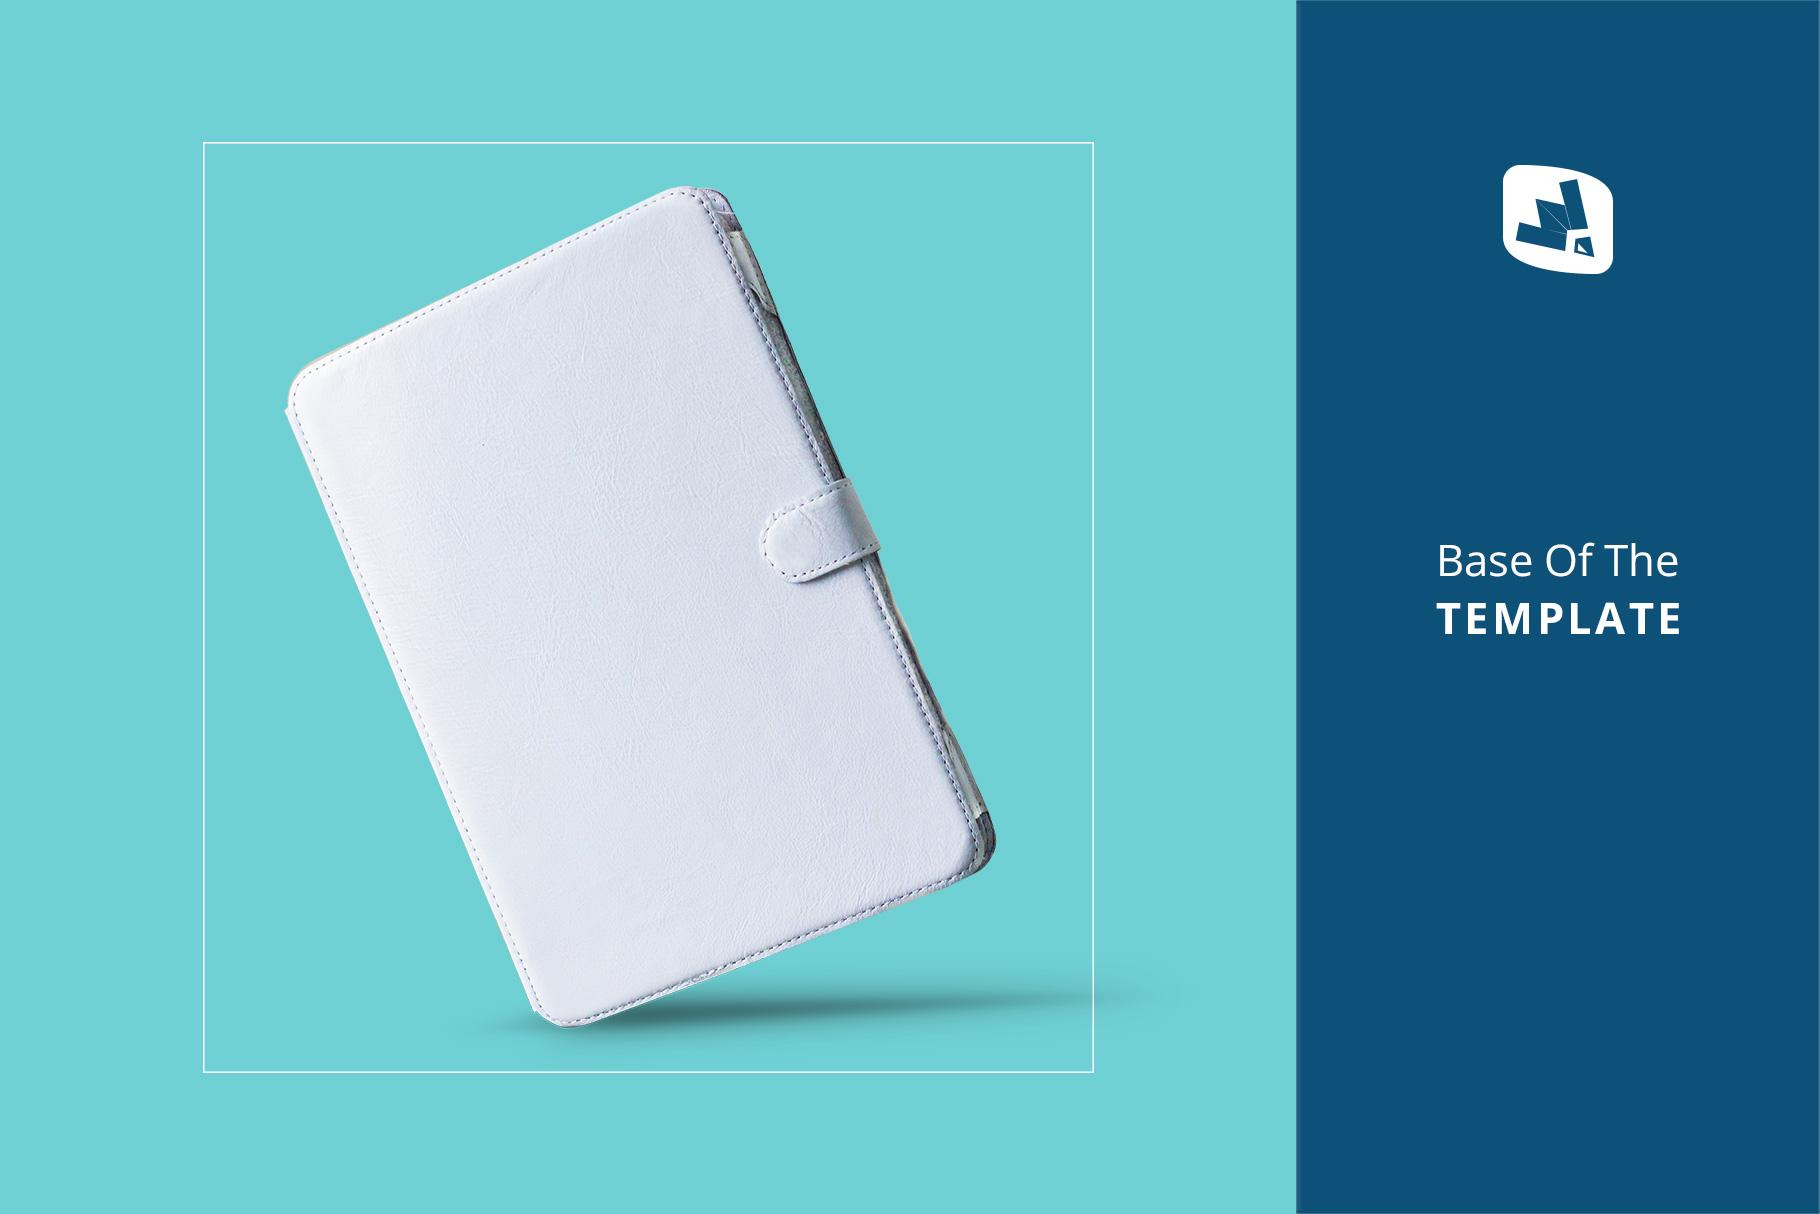 base image of the iPad diary case mockup